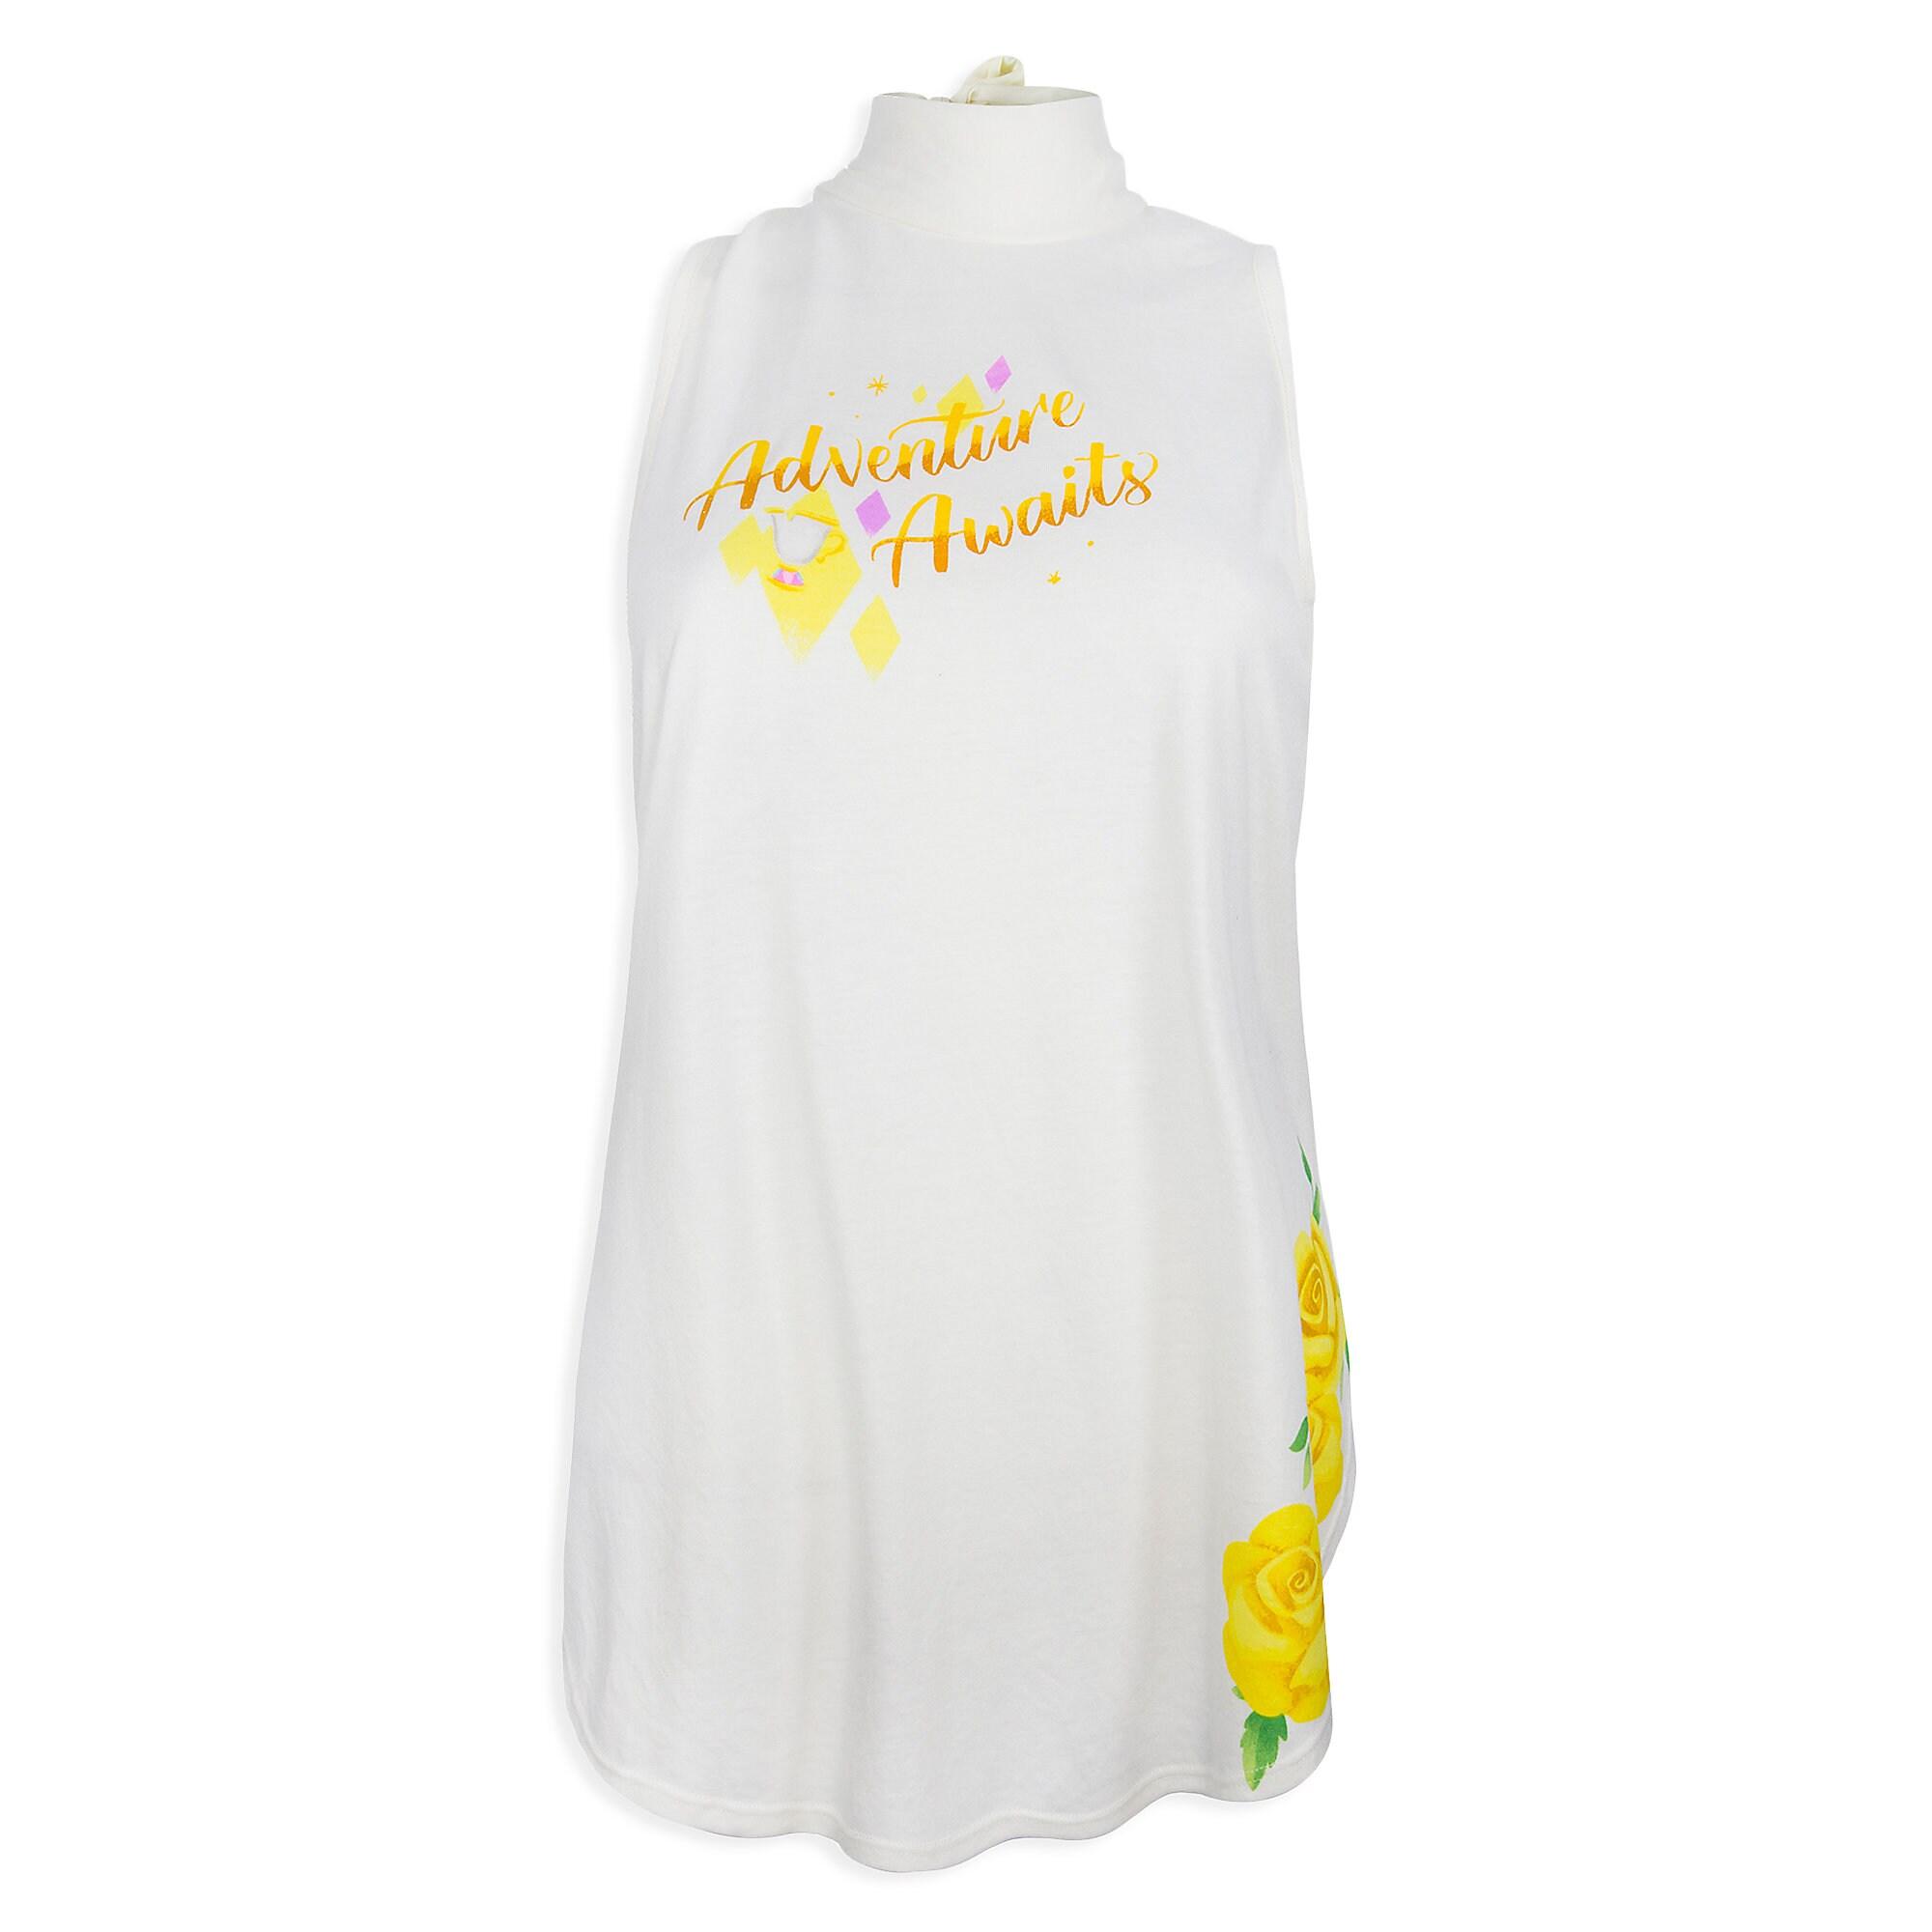 Belle Fashion T-Shirt for Women - Disney Princess Mystique